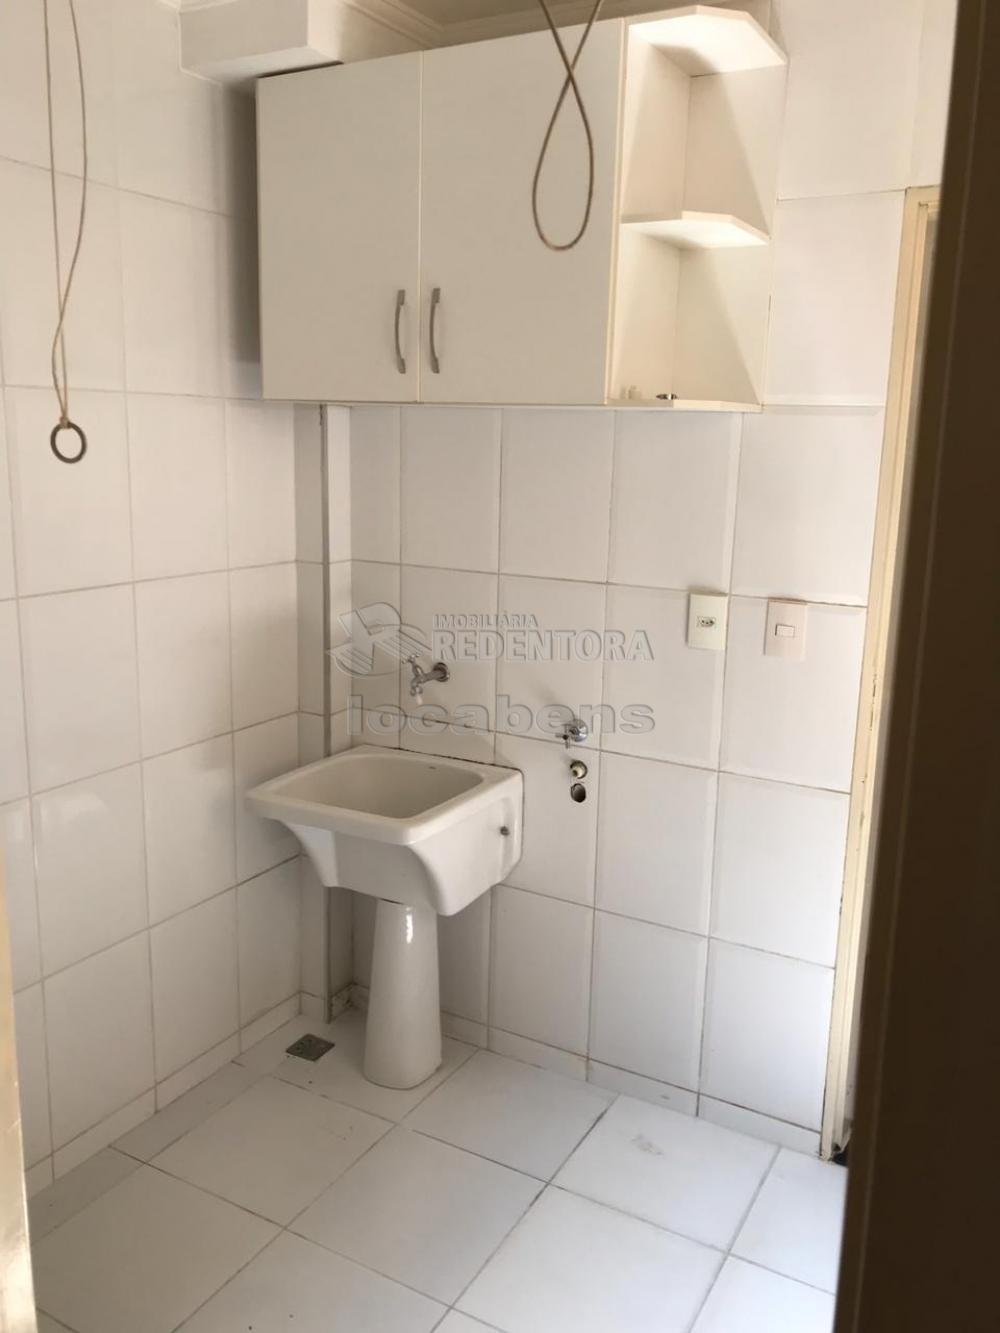 Comprar Apartamento / Padrão em São José do Rio Preto apenas R$ 290.000,00 - Foto 5